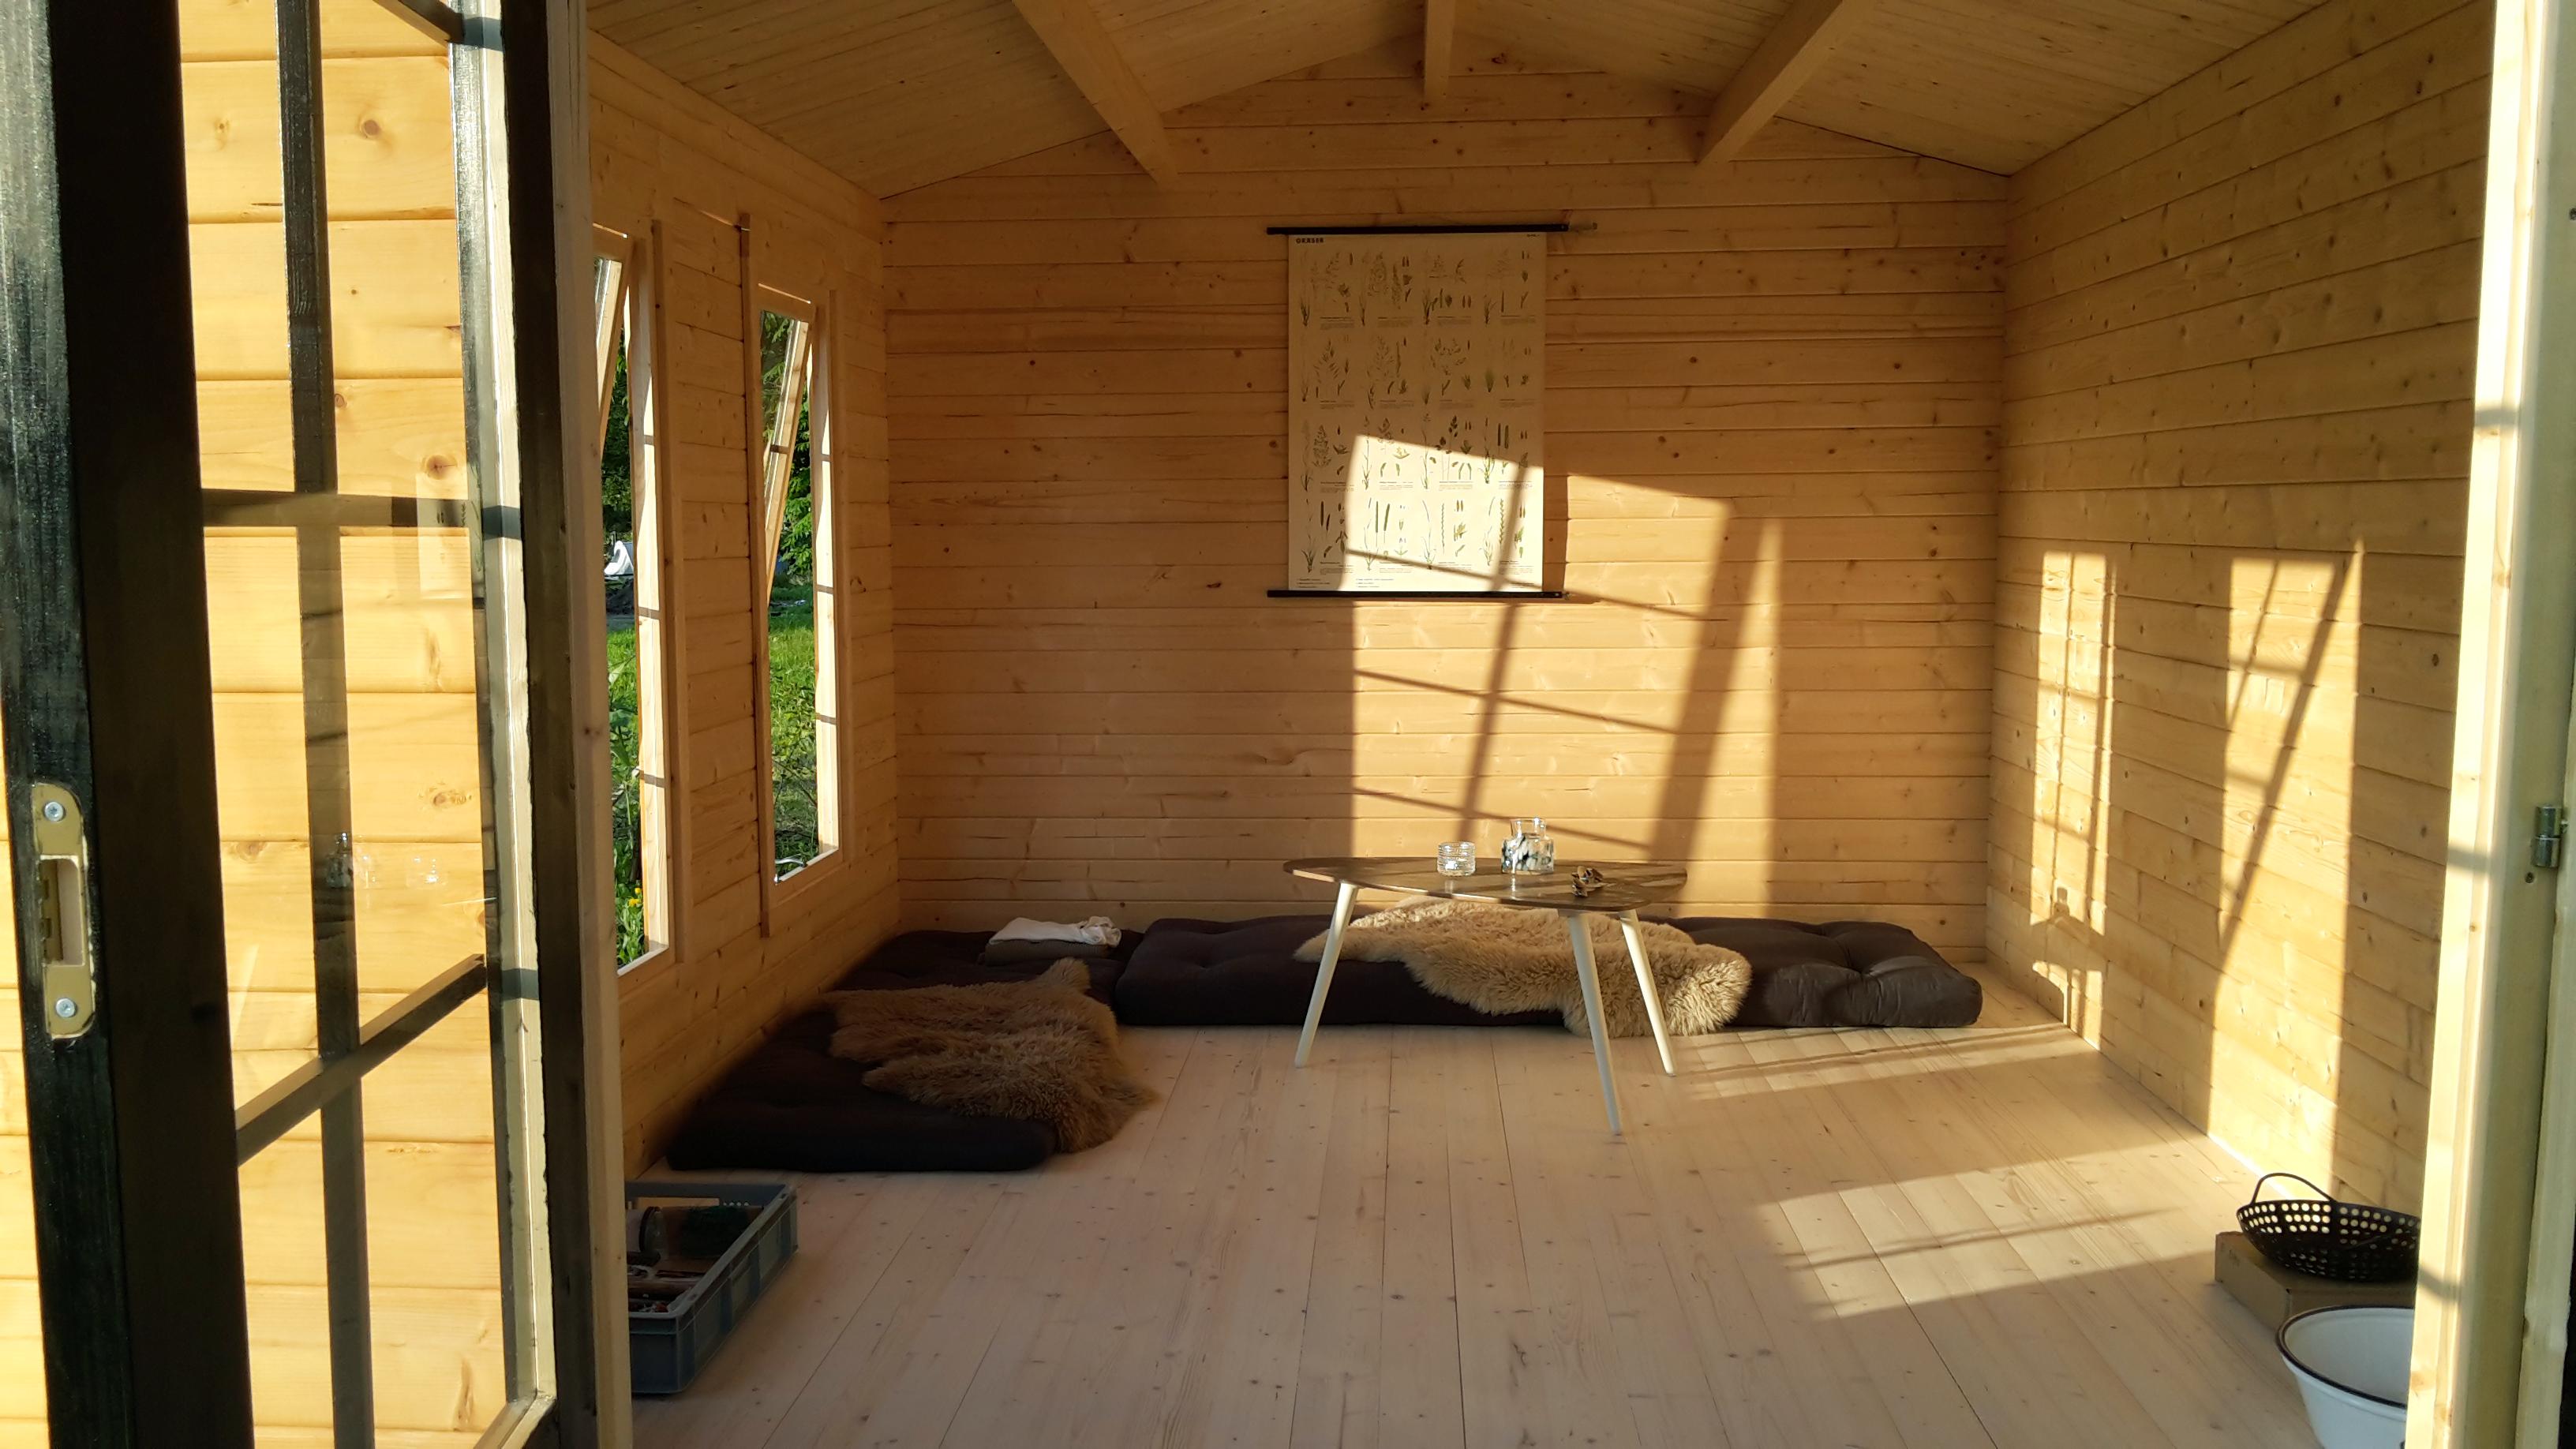 Mein Schöner Garten Outdoor Küche : Garten ideen so gestaltest deinen außenbereich